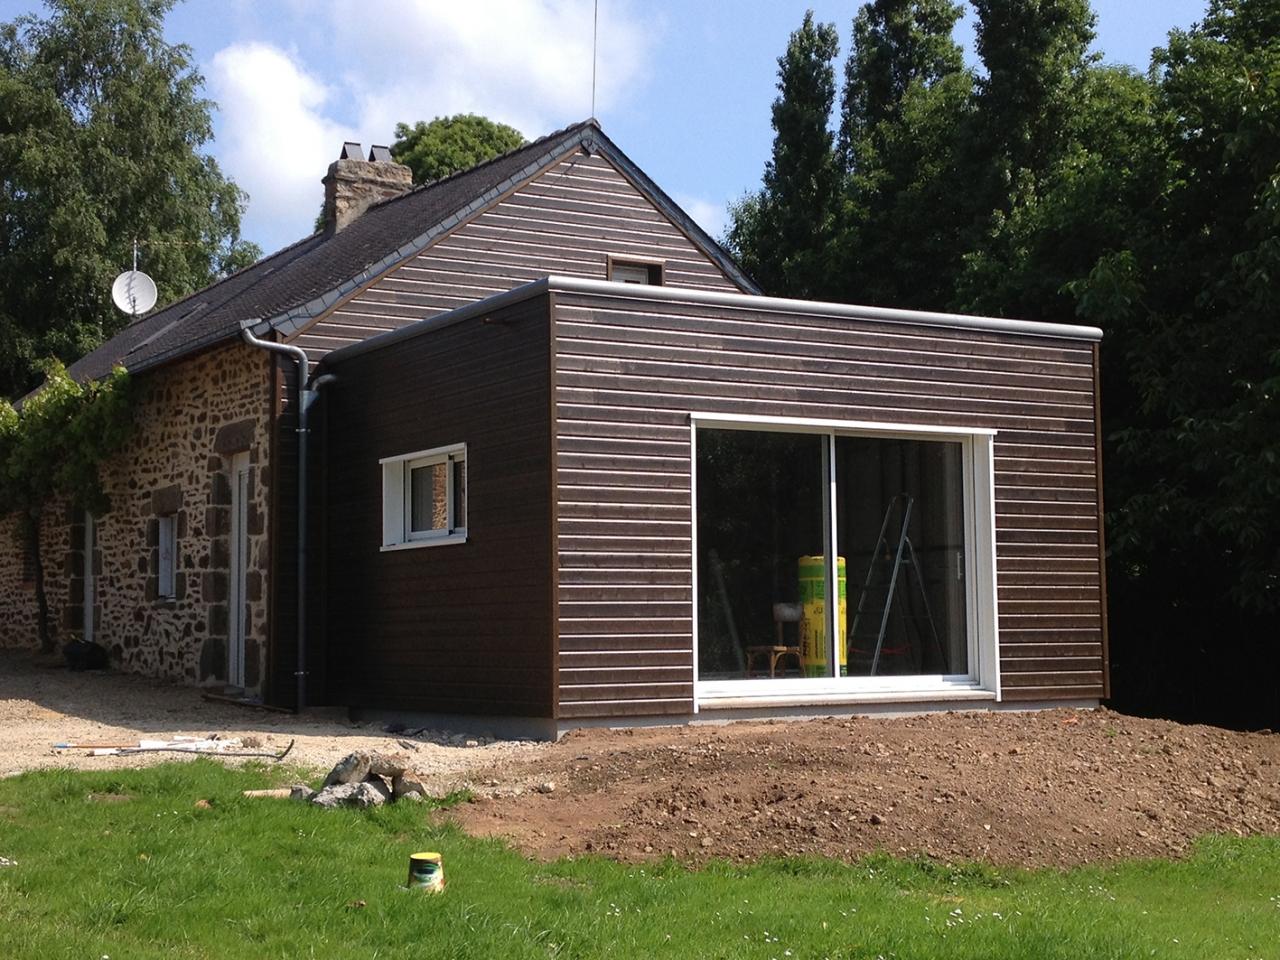 derouet constructeur de maison bois en mayenne 53 expert en charpente et couverture. Black Bedroom Furniture Sets. Home Design Ideas